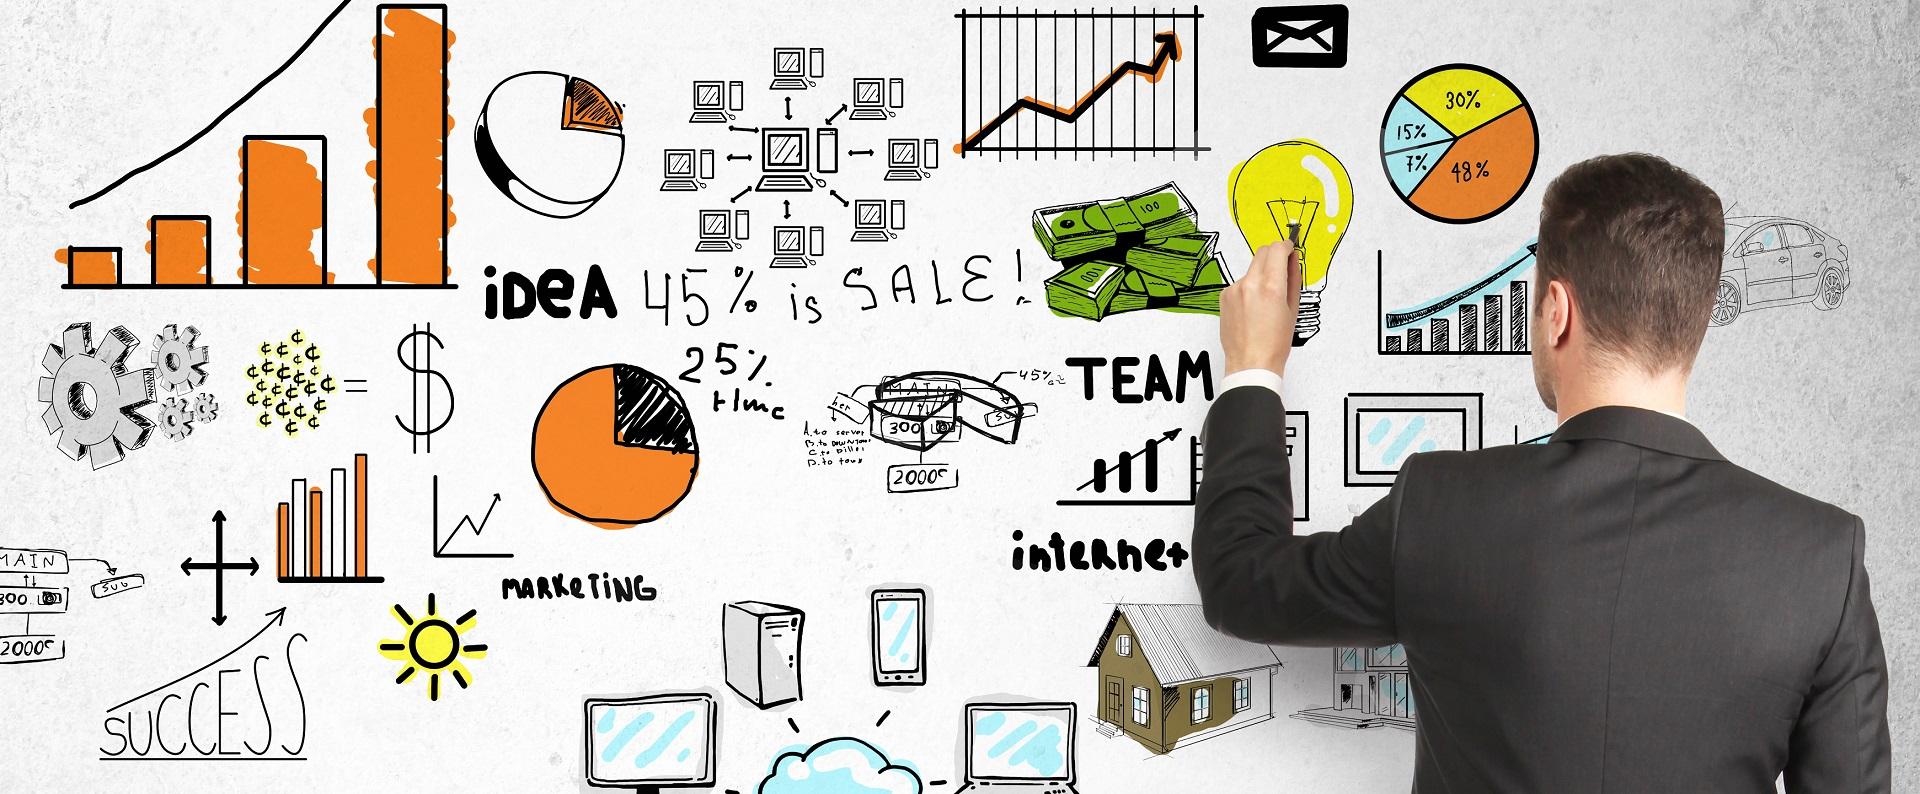 Lên kế hoạch là bước quan trọng trước khi bắt tay vào kinh doanh bất kỳ lĩnh vực gì